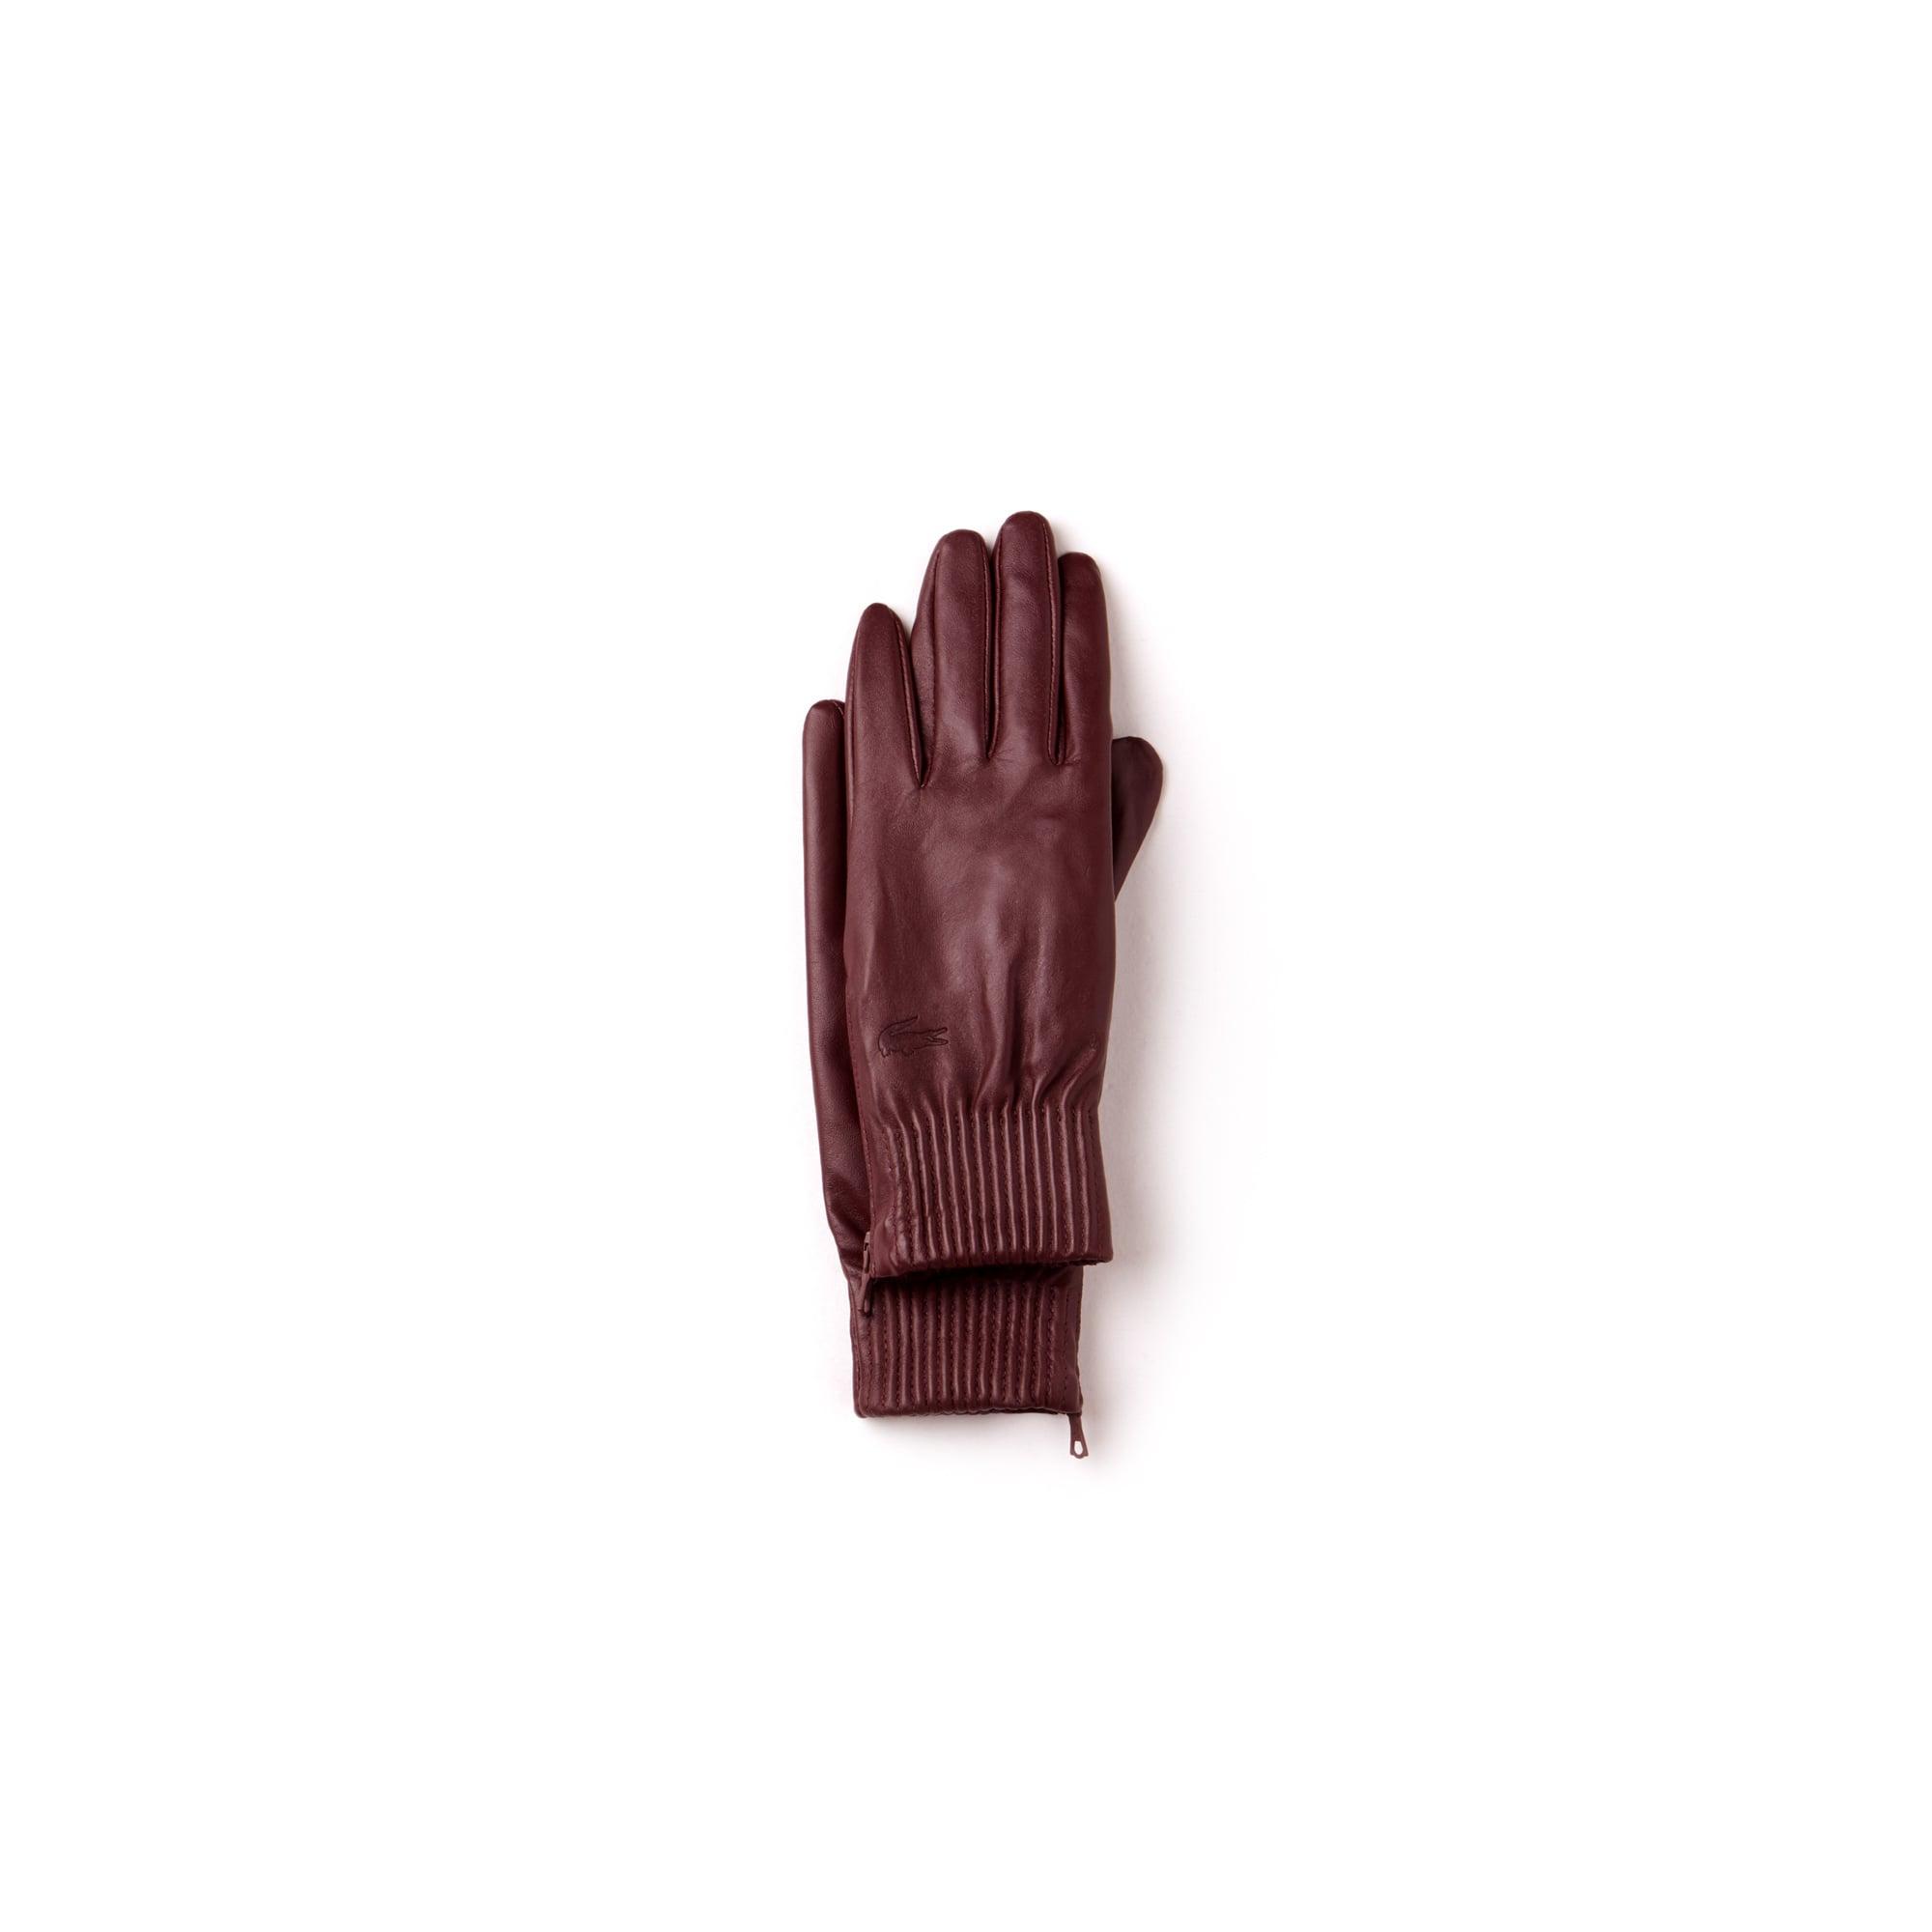 Damen-Handschuhe aus Premium-Leder mit Reißverschluss